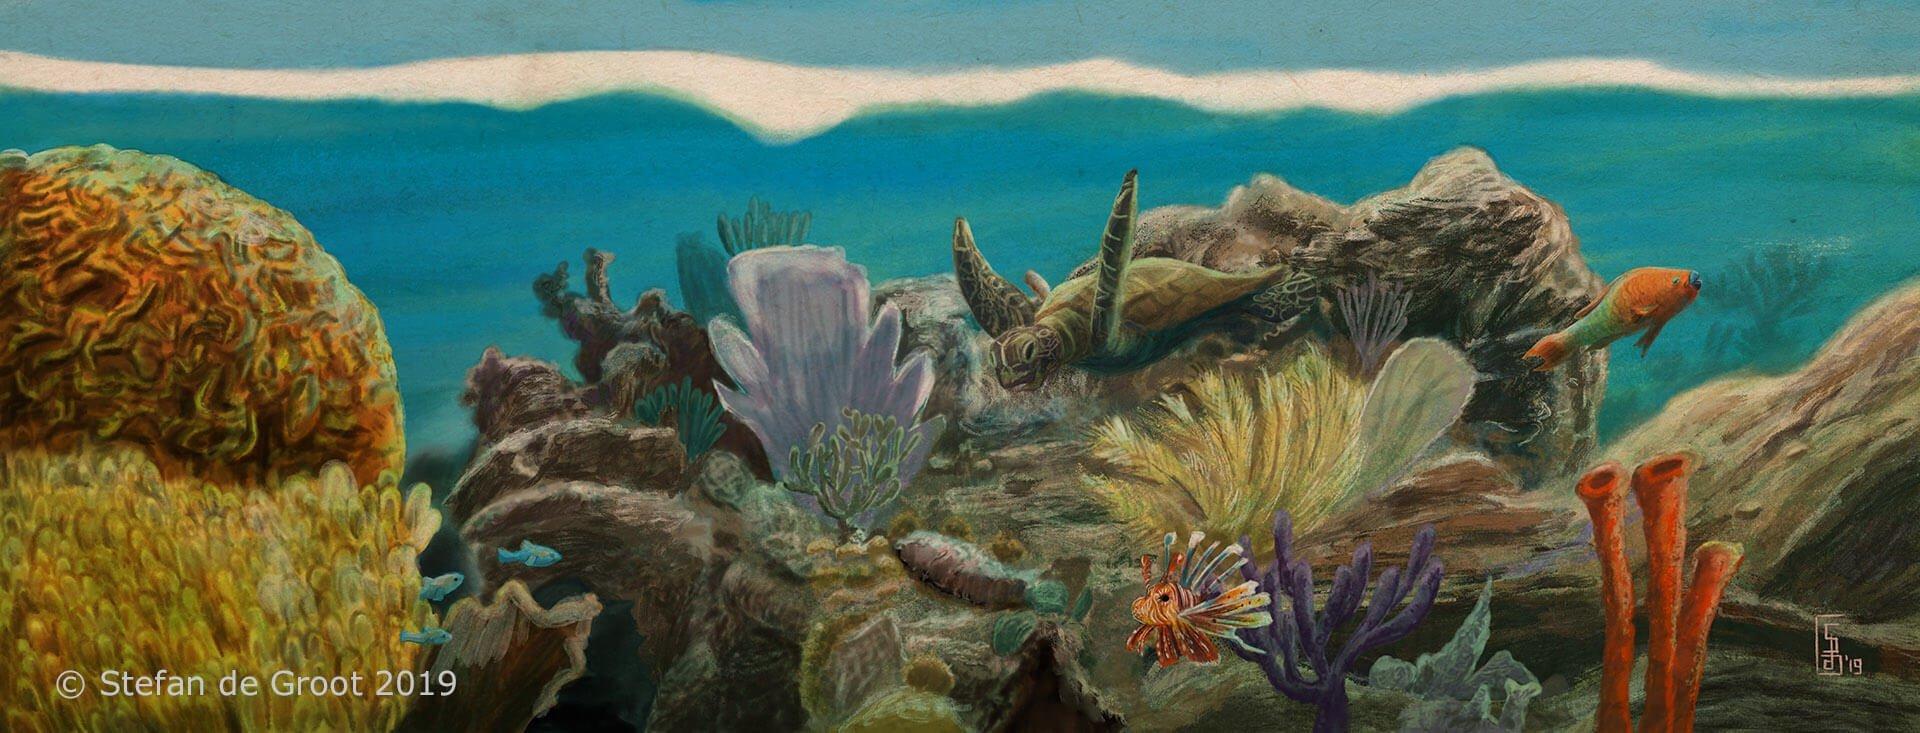 Stefan de Groot levende schilderijen An Ocean Story